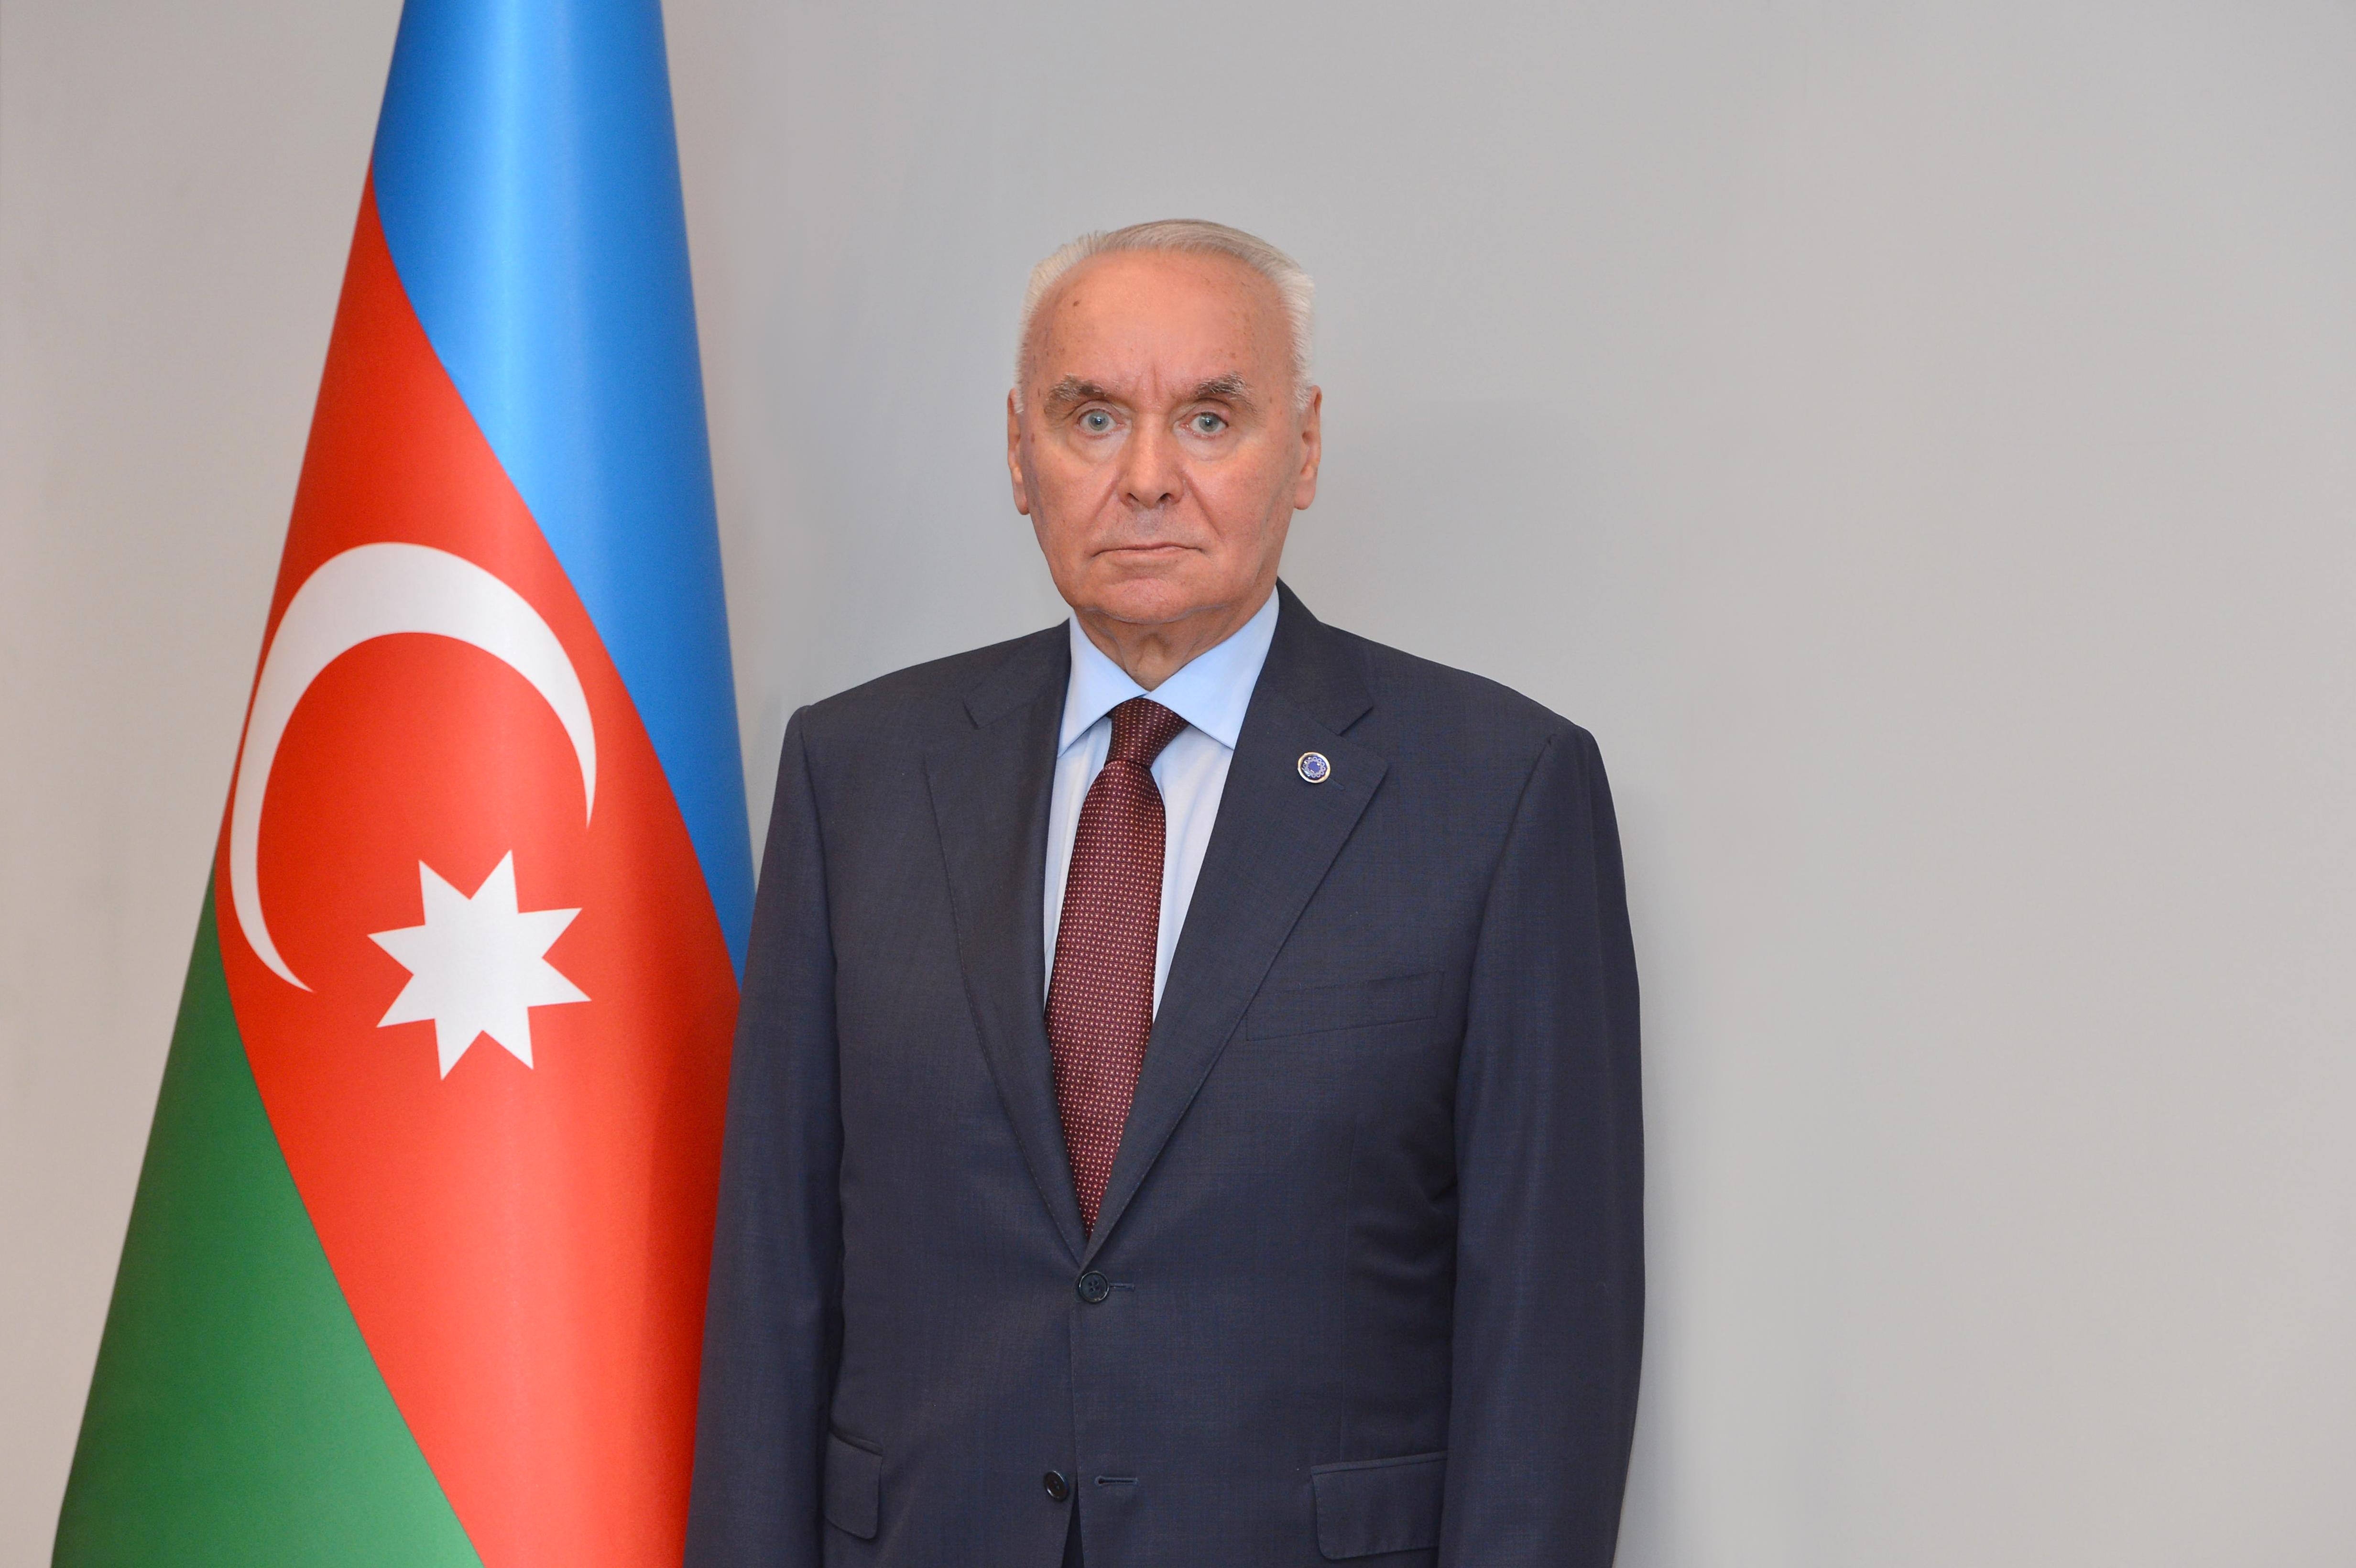 Mahmud Ahmed oglu MAMMAD-GULIYEV